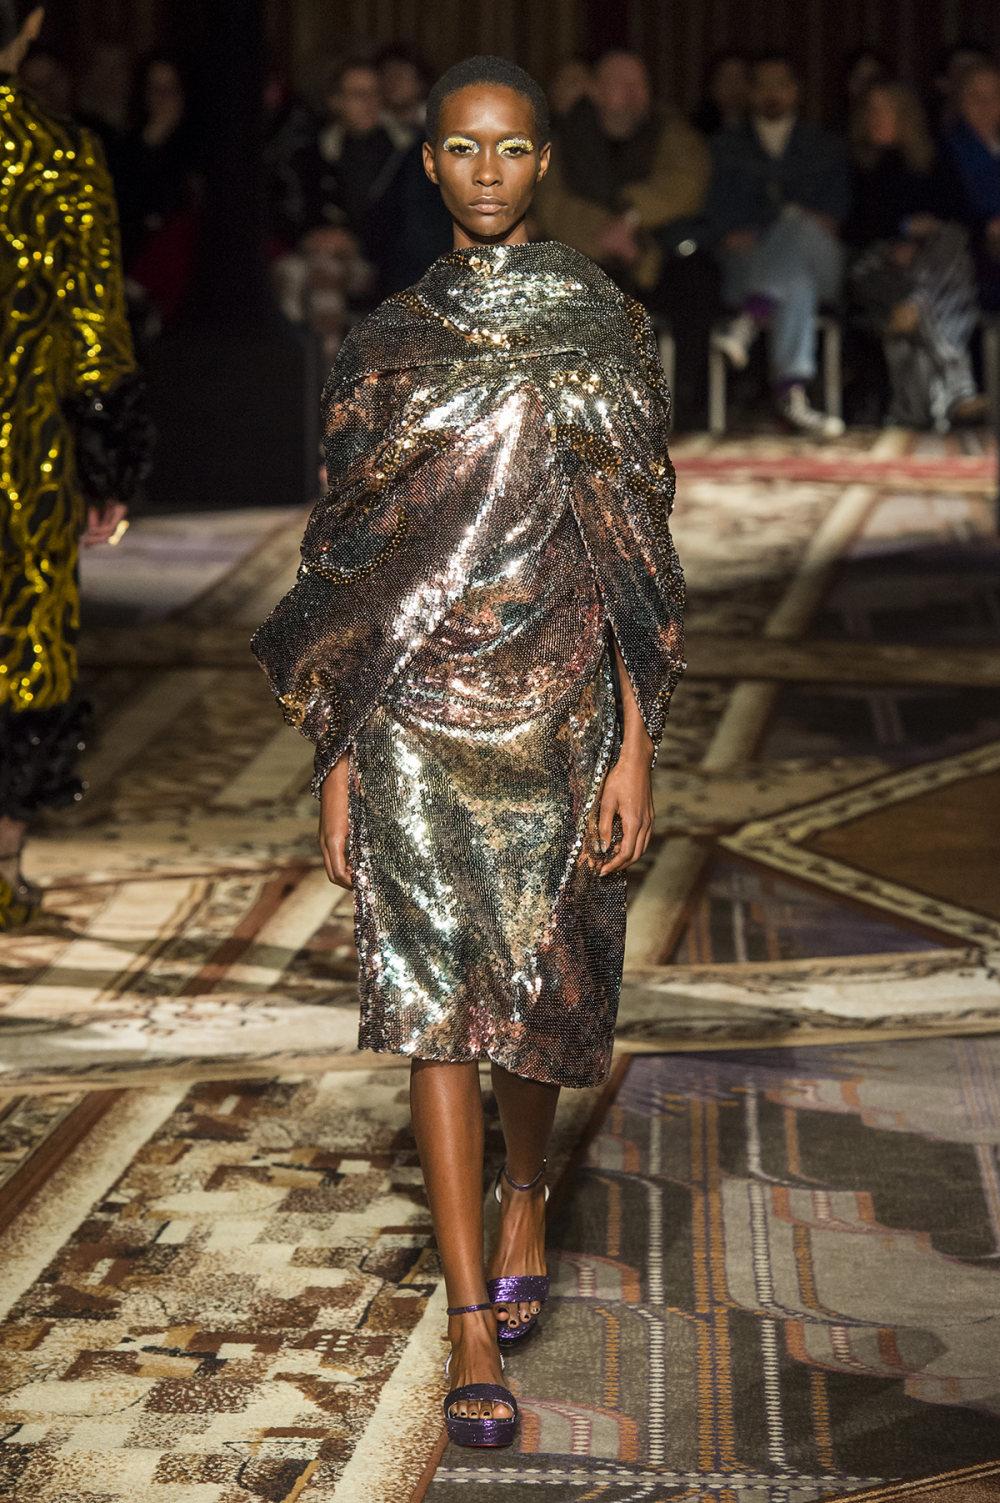 Halpern时装系列将幻想印花应用于宽大的缎面外套展示垂褶技巧-11.jpg